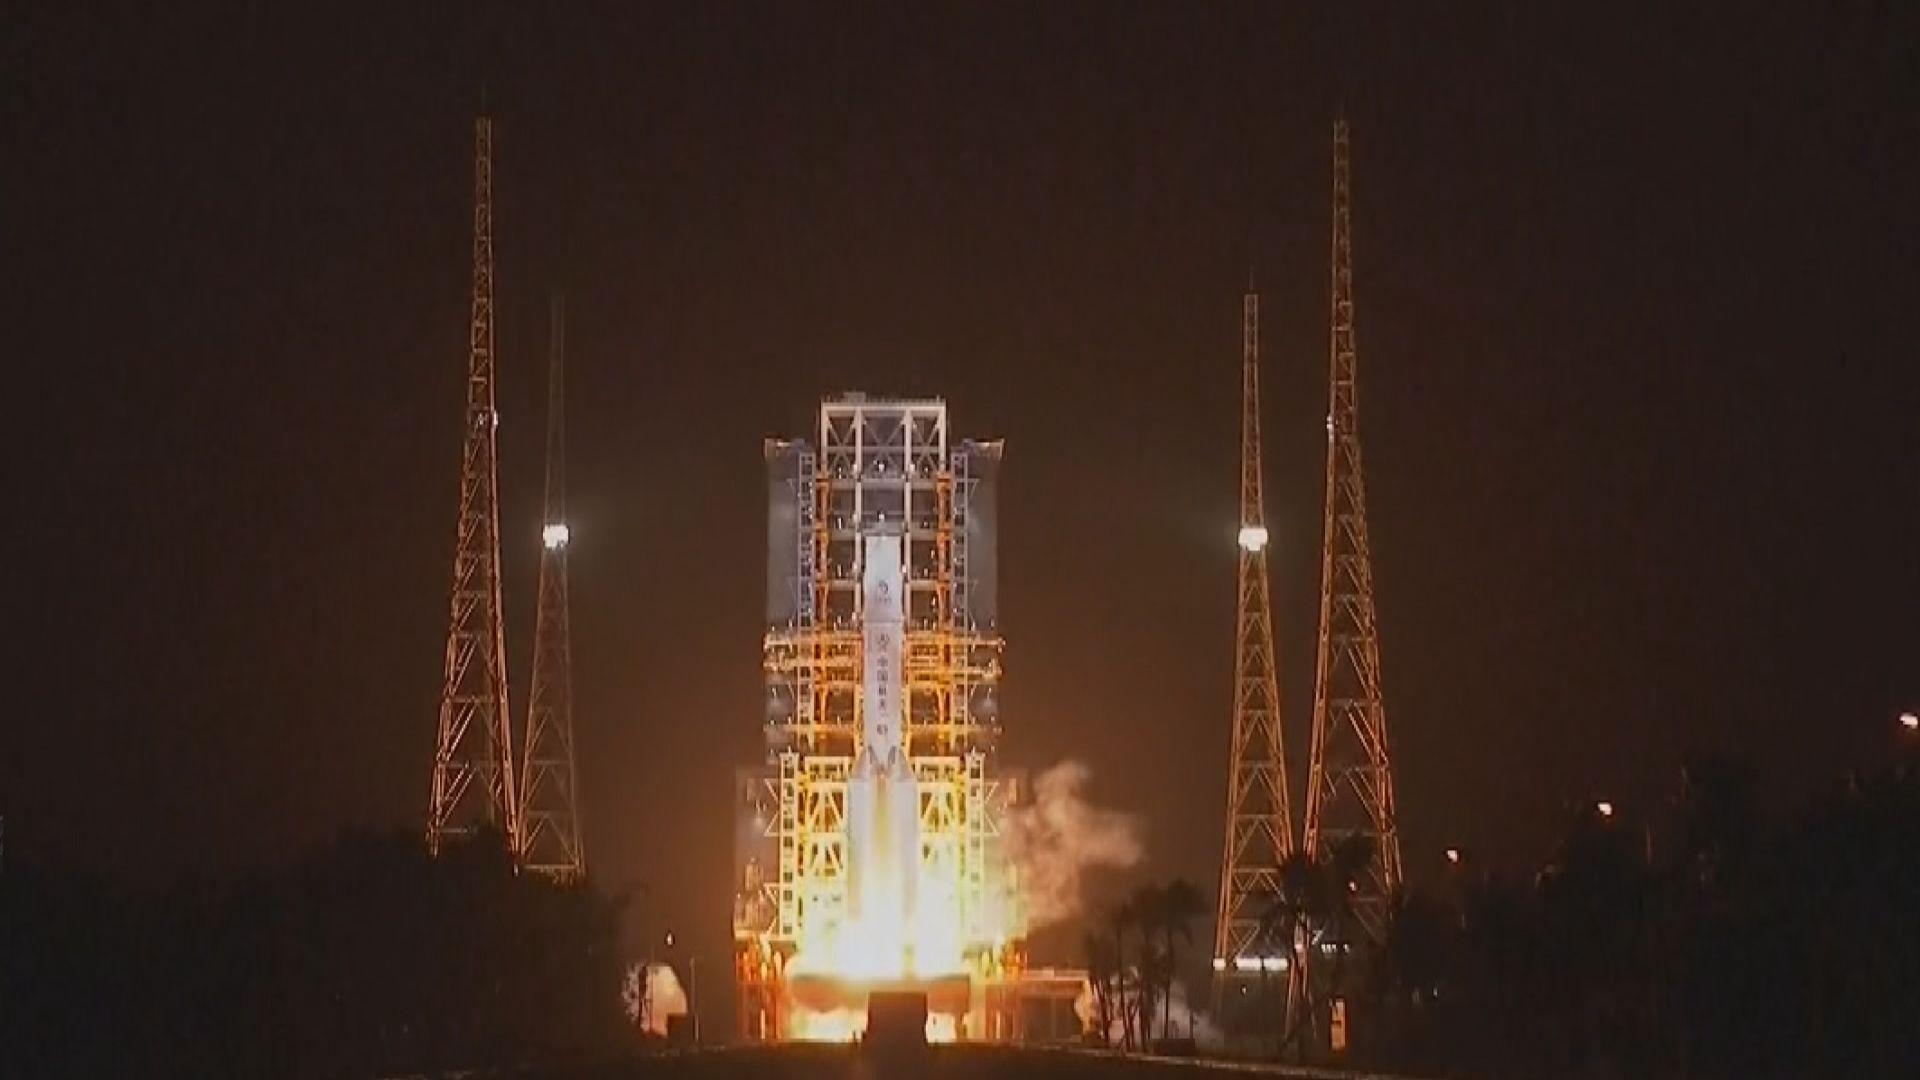 【23天之旅】長征火箭搭載嫦娥五號探測器升空 將採集月球土壤樣本